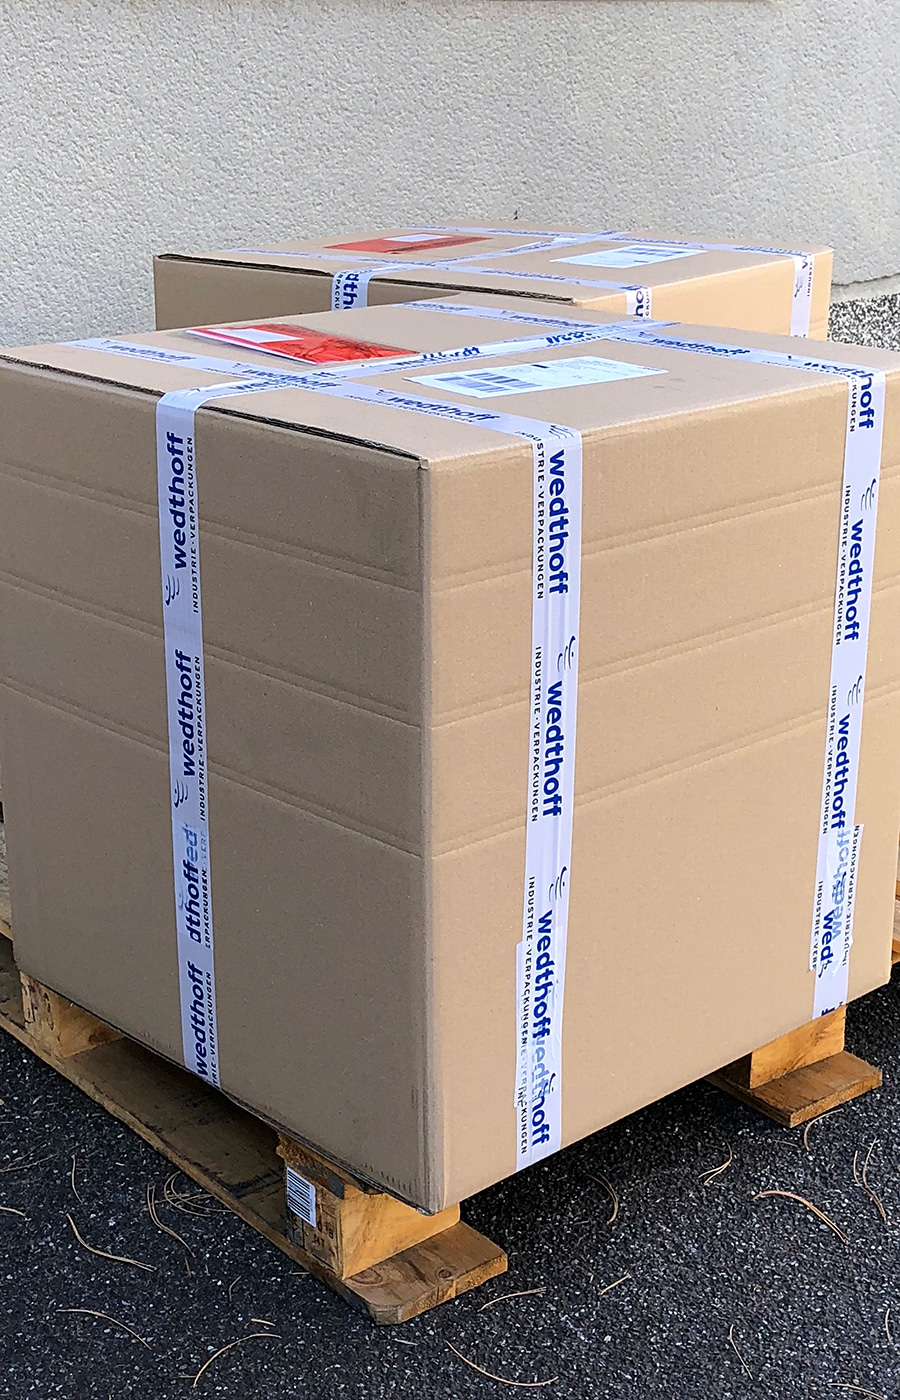 Industrieverpackungen kaufen - Ab Lager auch in Sondergrößen verfügbar. Kleine Stückmengen möglich. Lieferung Bundesweit